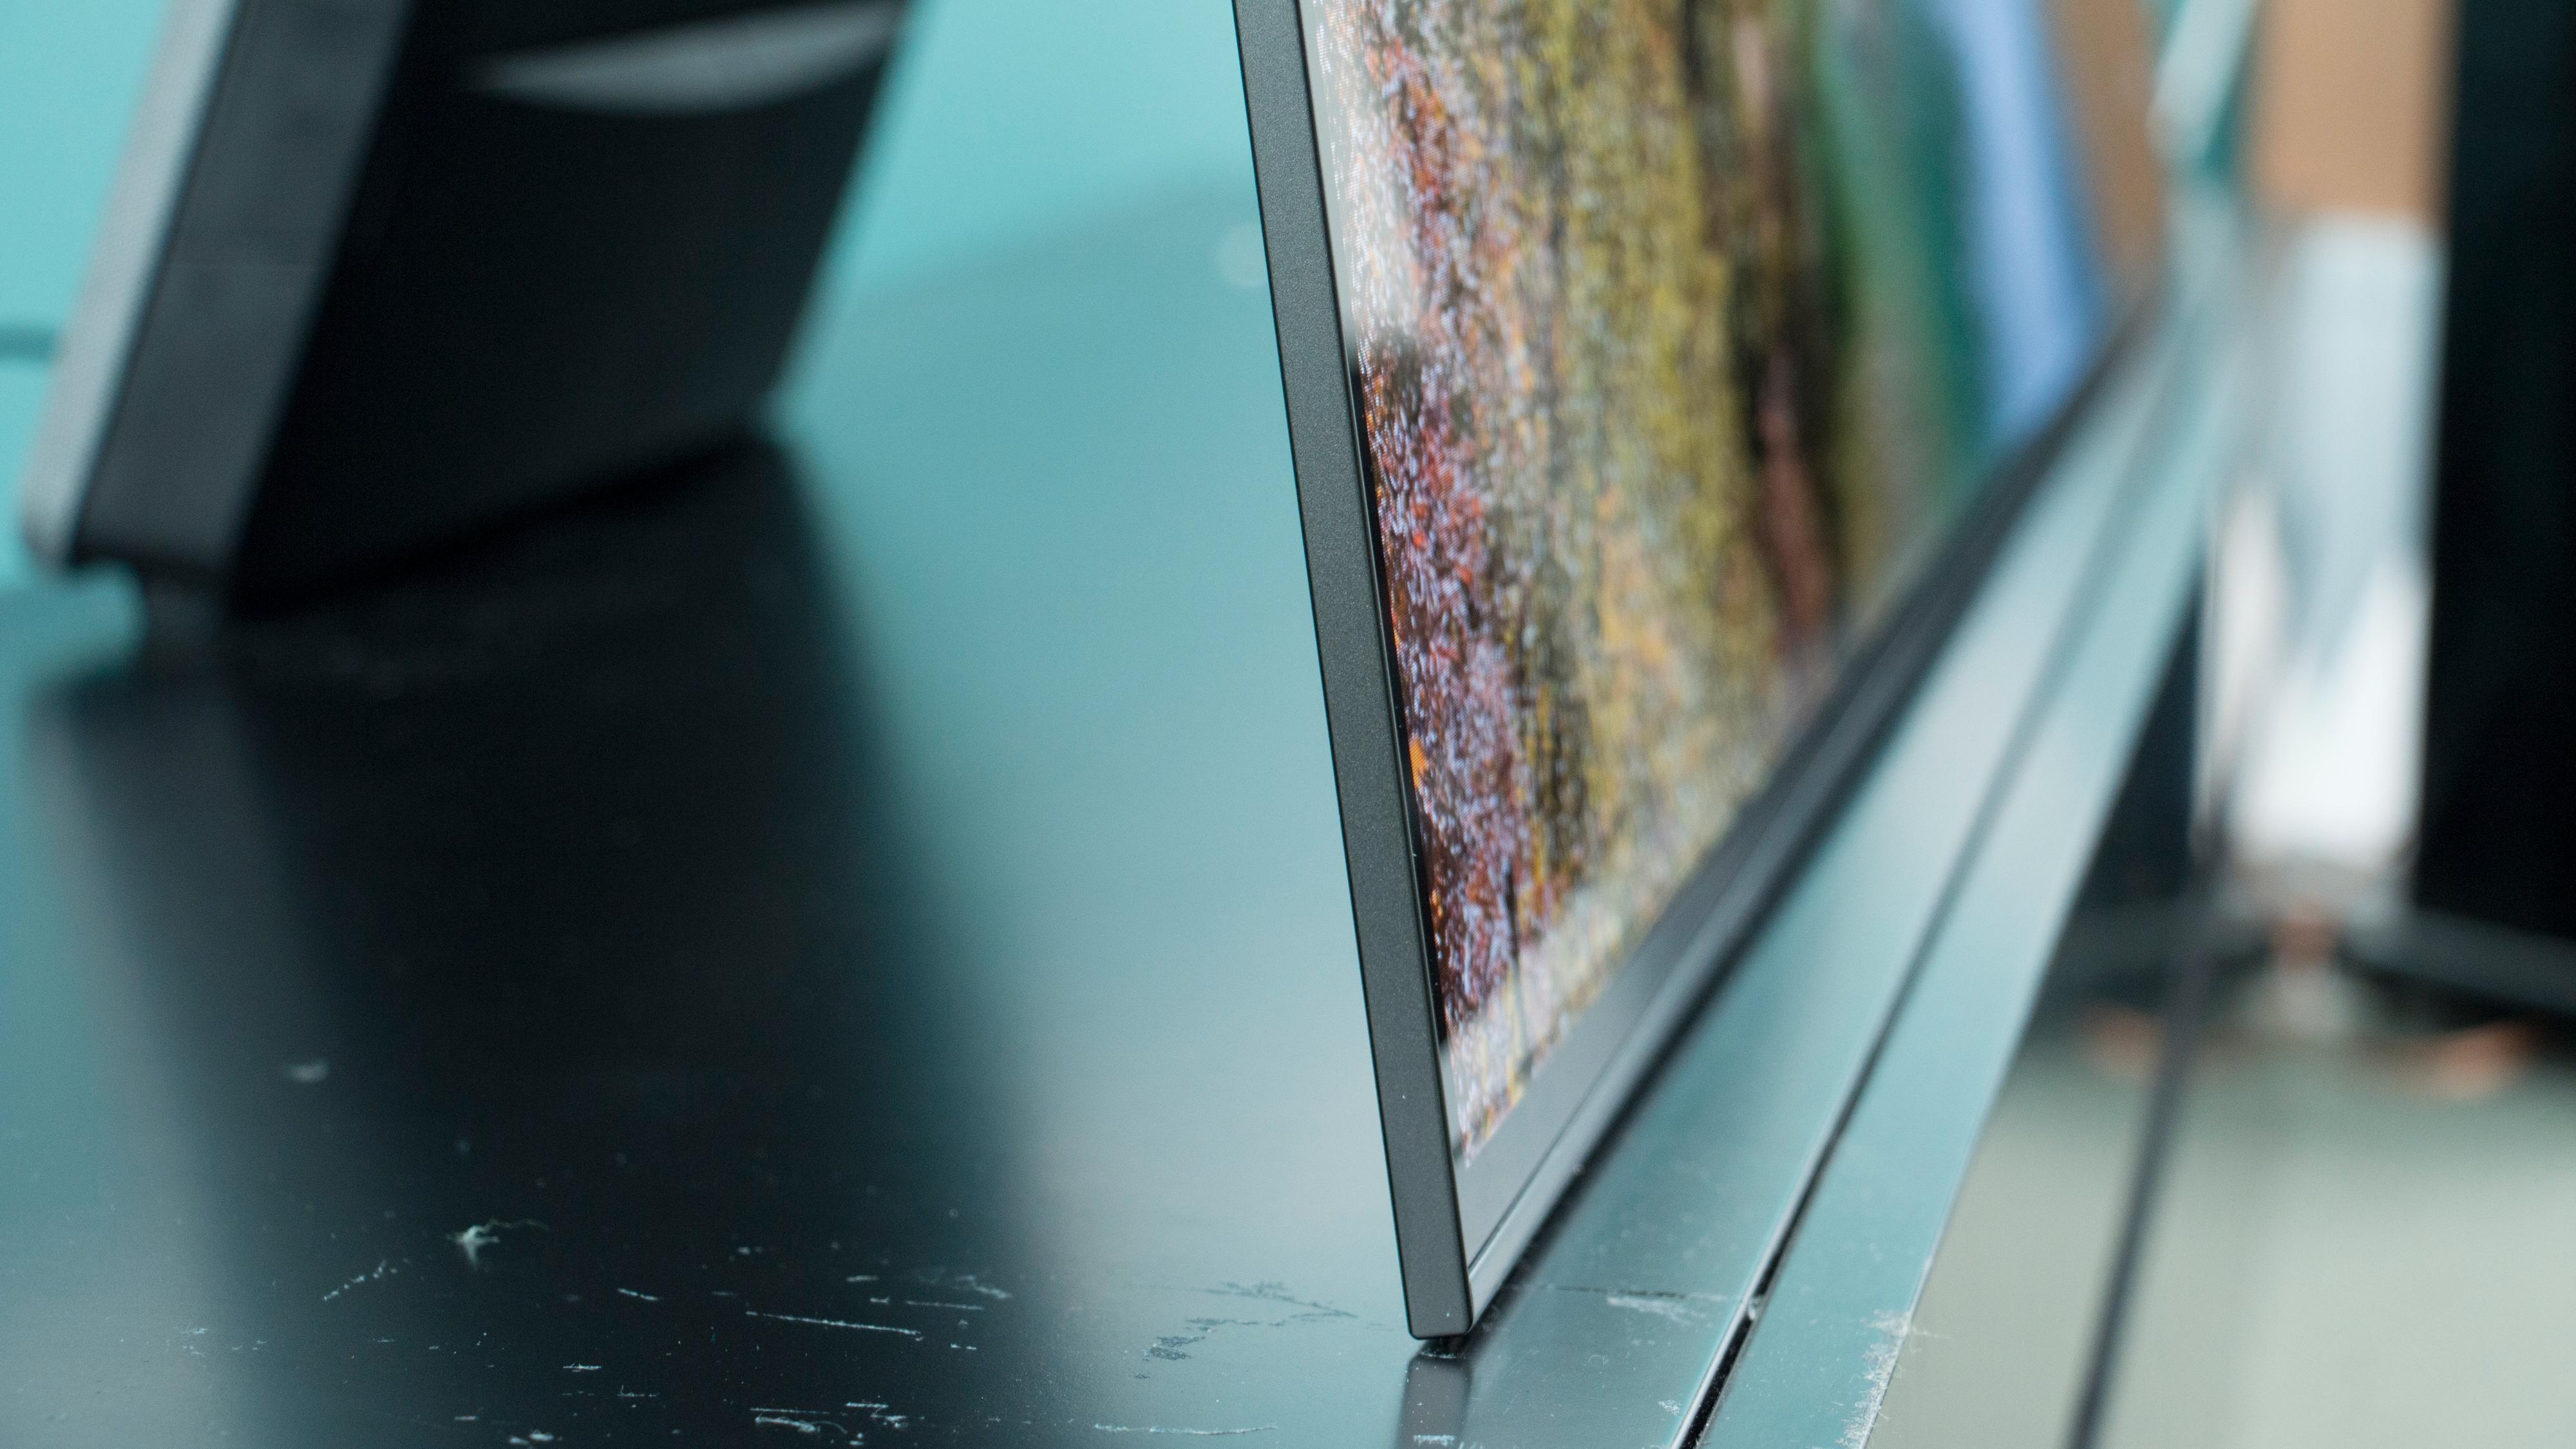 OLED-teknologien gjør at TV-en kan lages meget tynn.